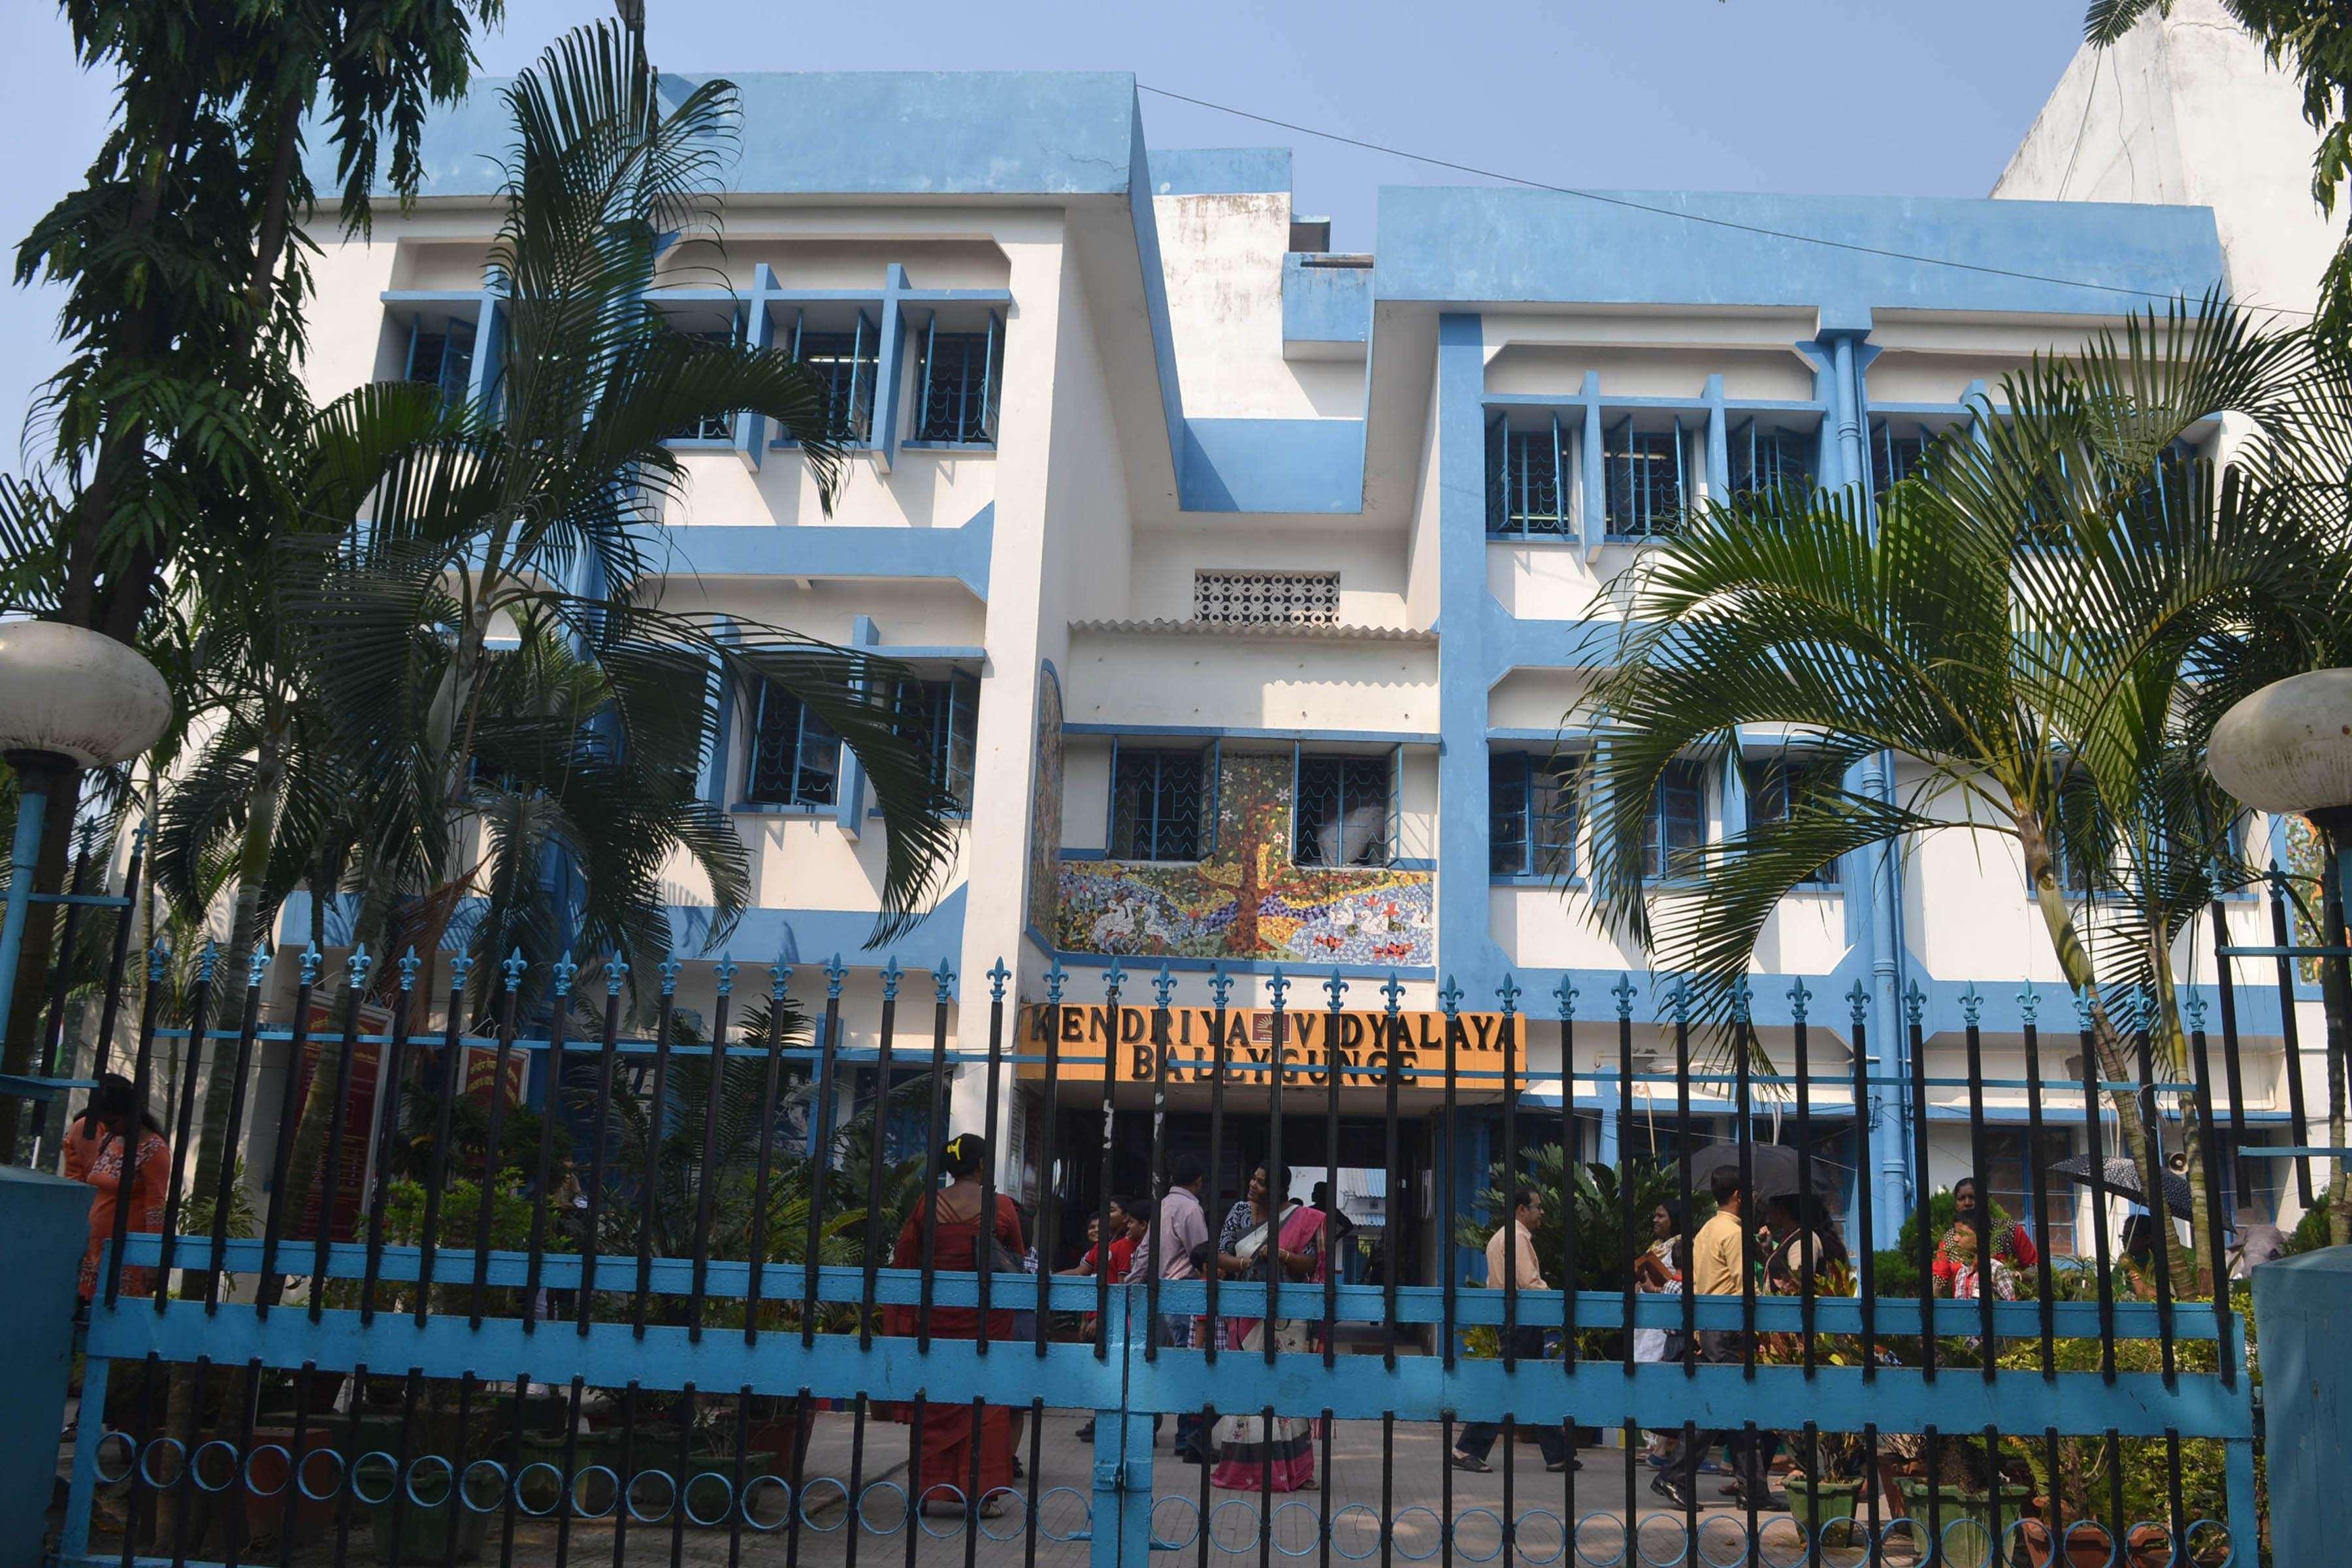 Kendriya Vidyalaya Ballygunge, Kolkata